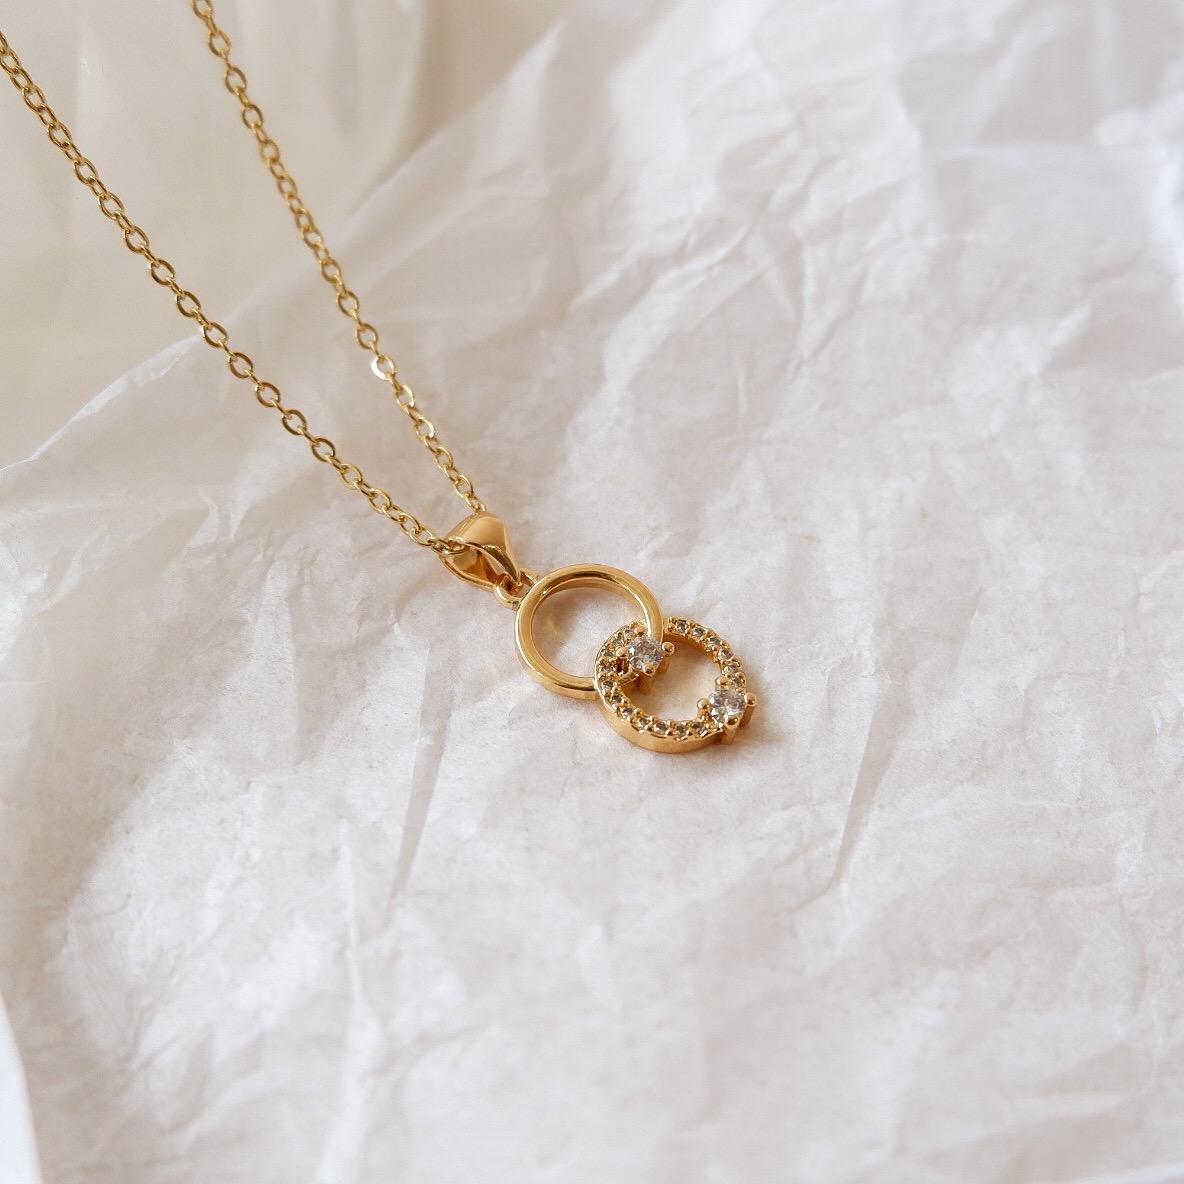 Aleesha-Necklace-1.jpeg